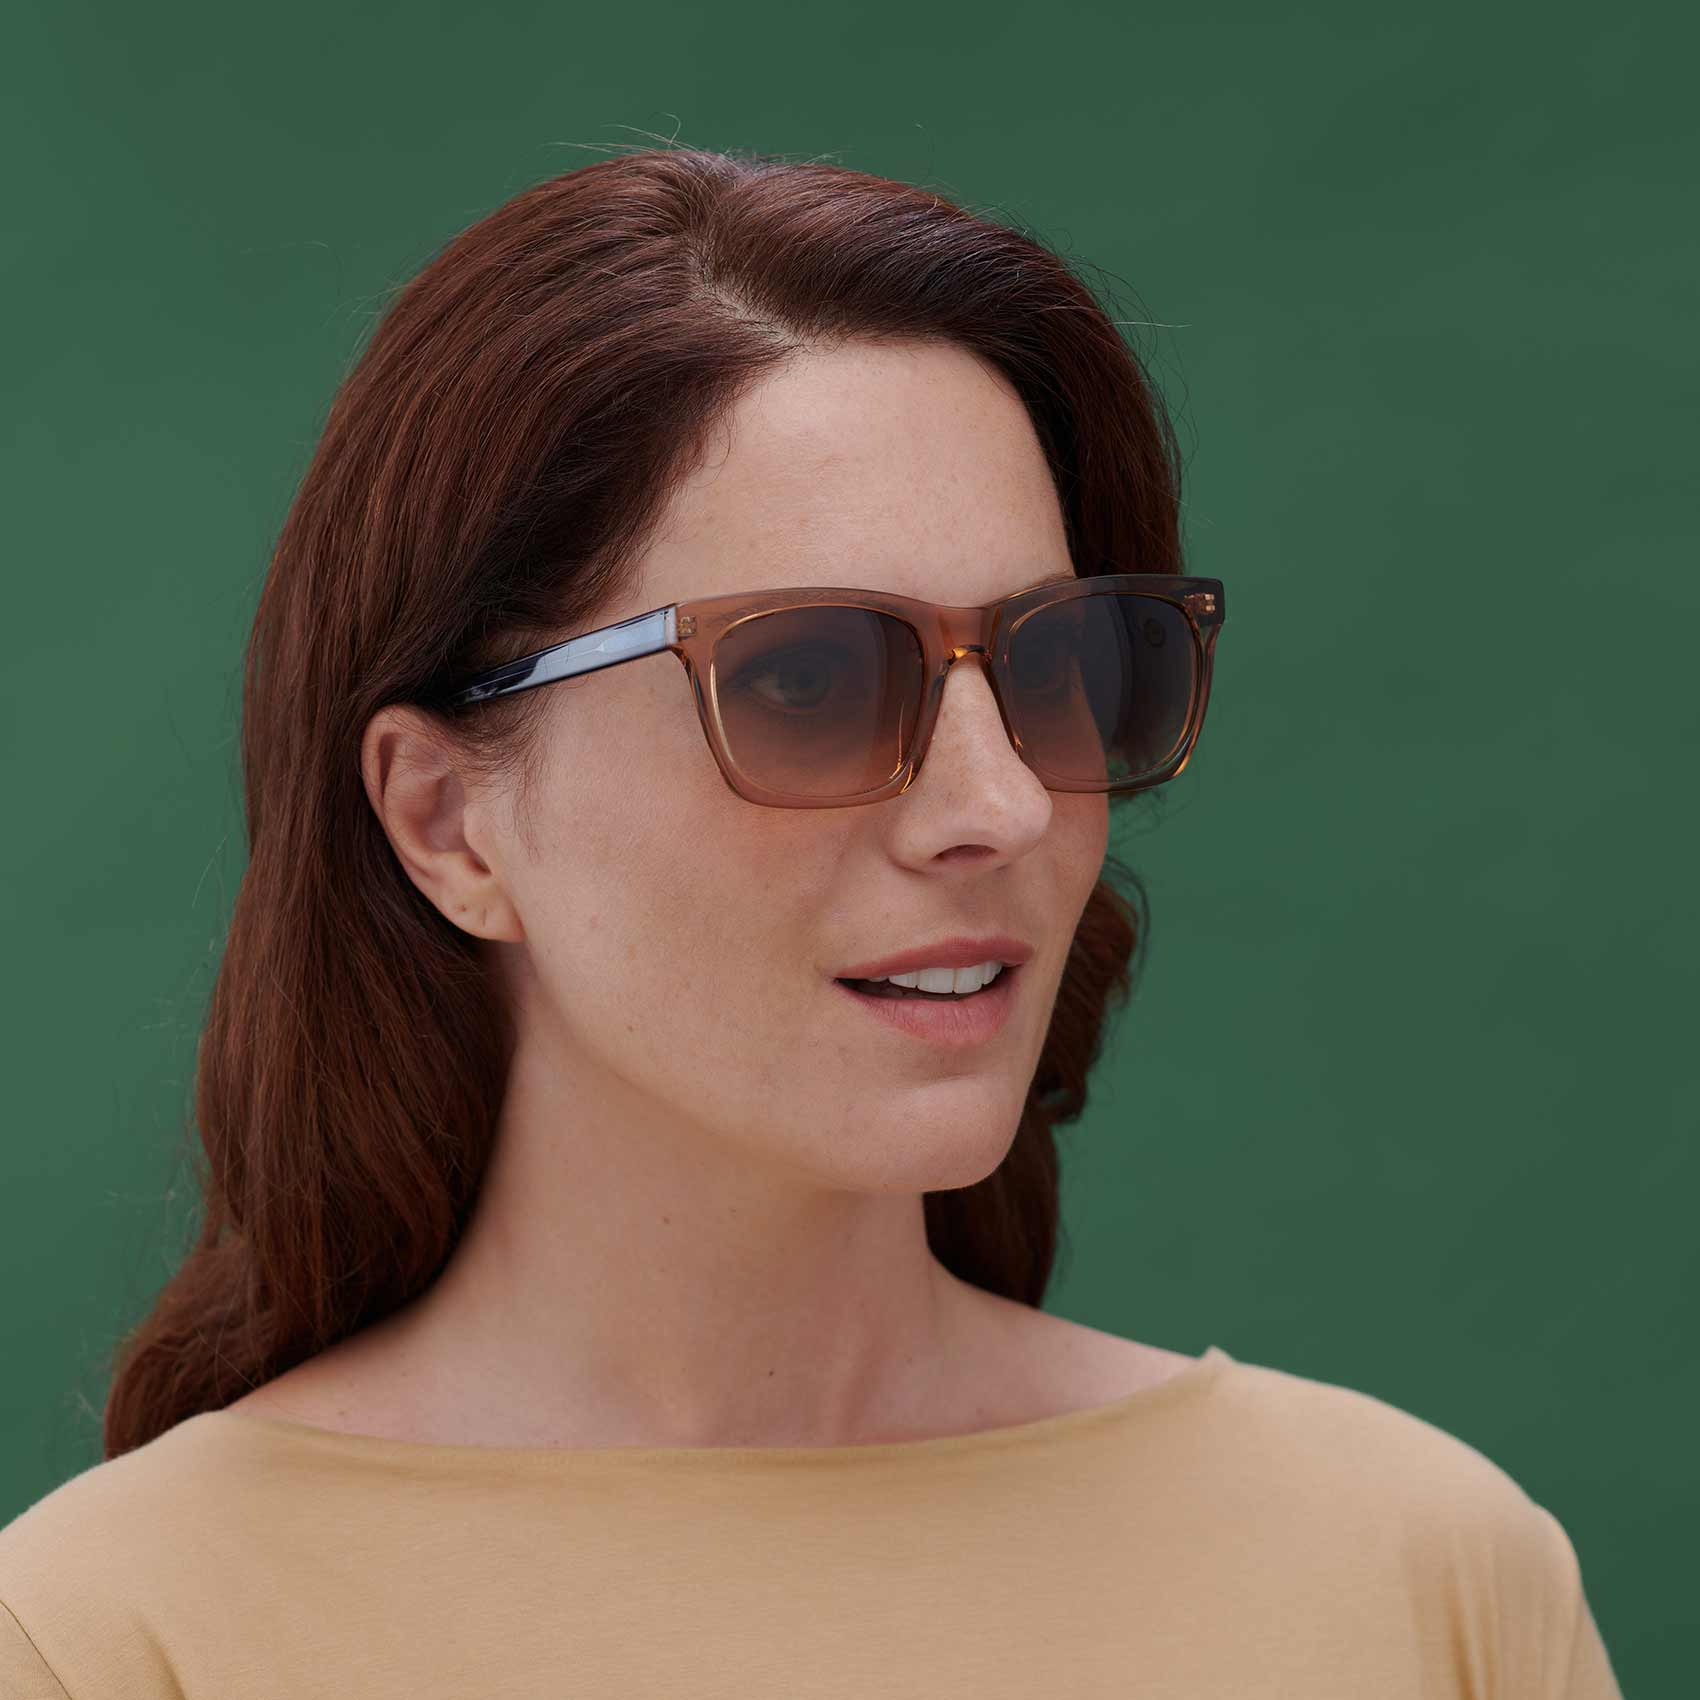 Gafas de sol de moda sostenible modelo Oporto en color beige y azul - Proud eyewear